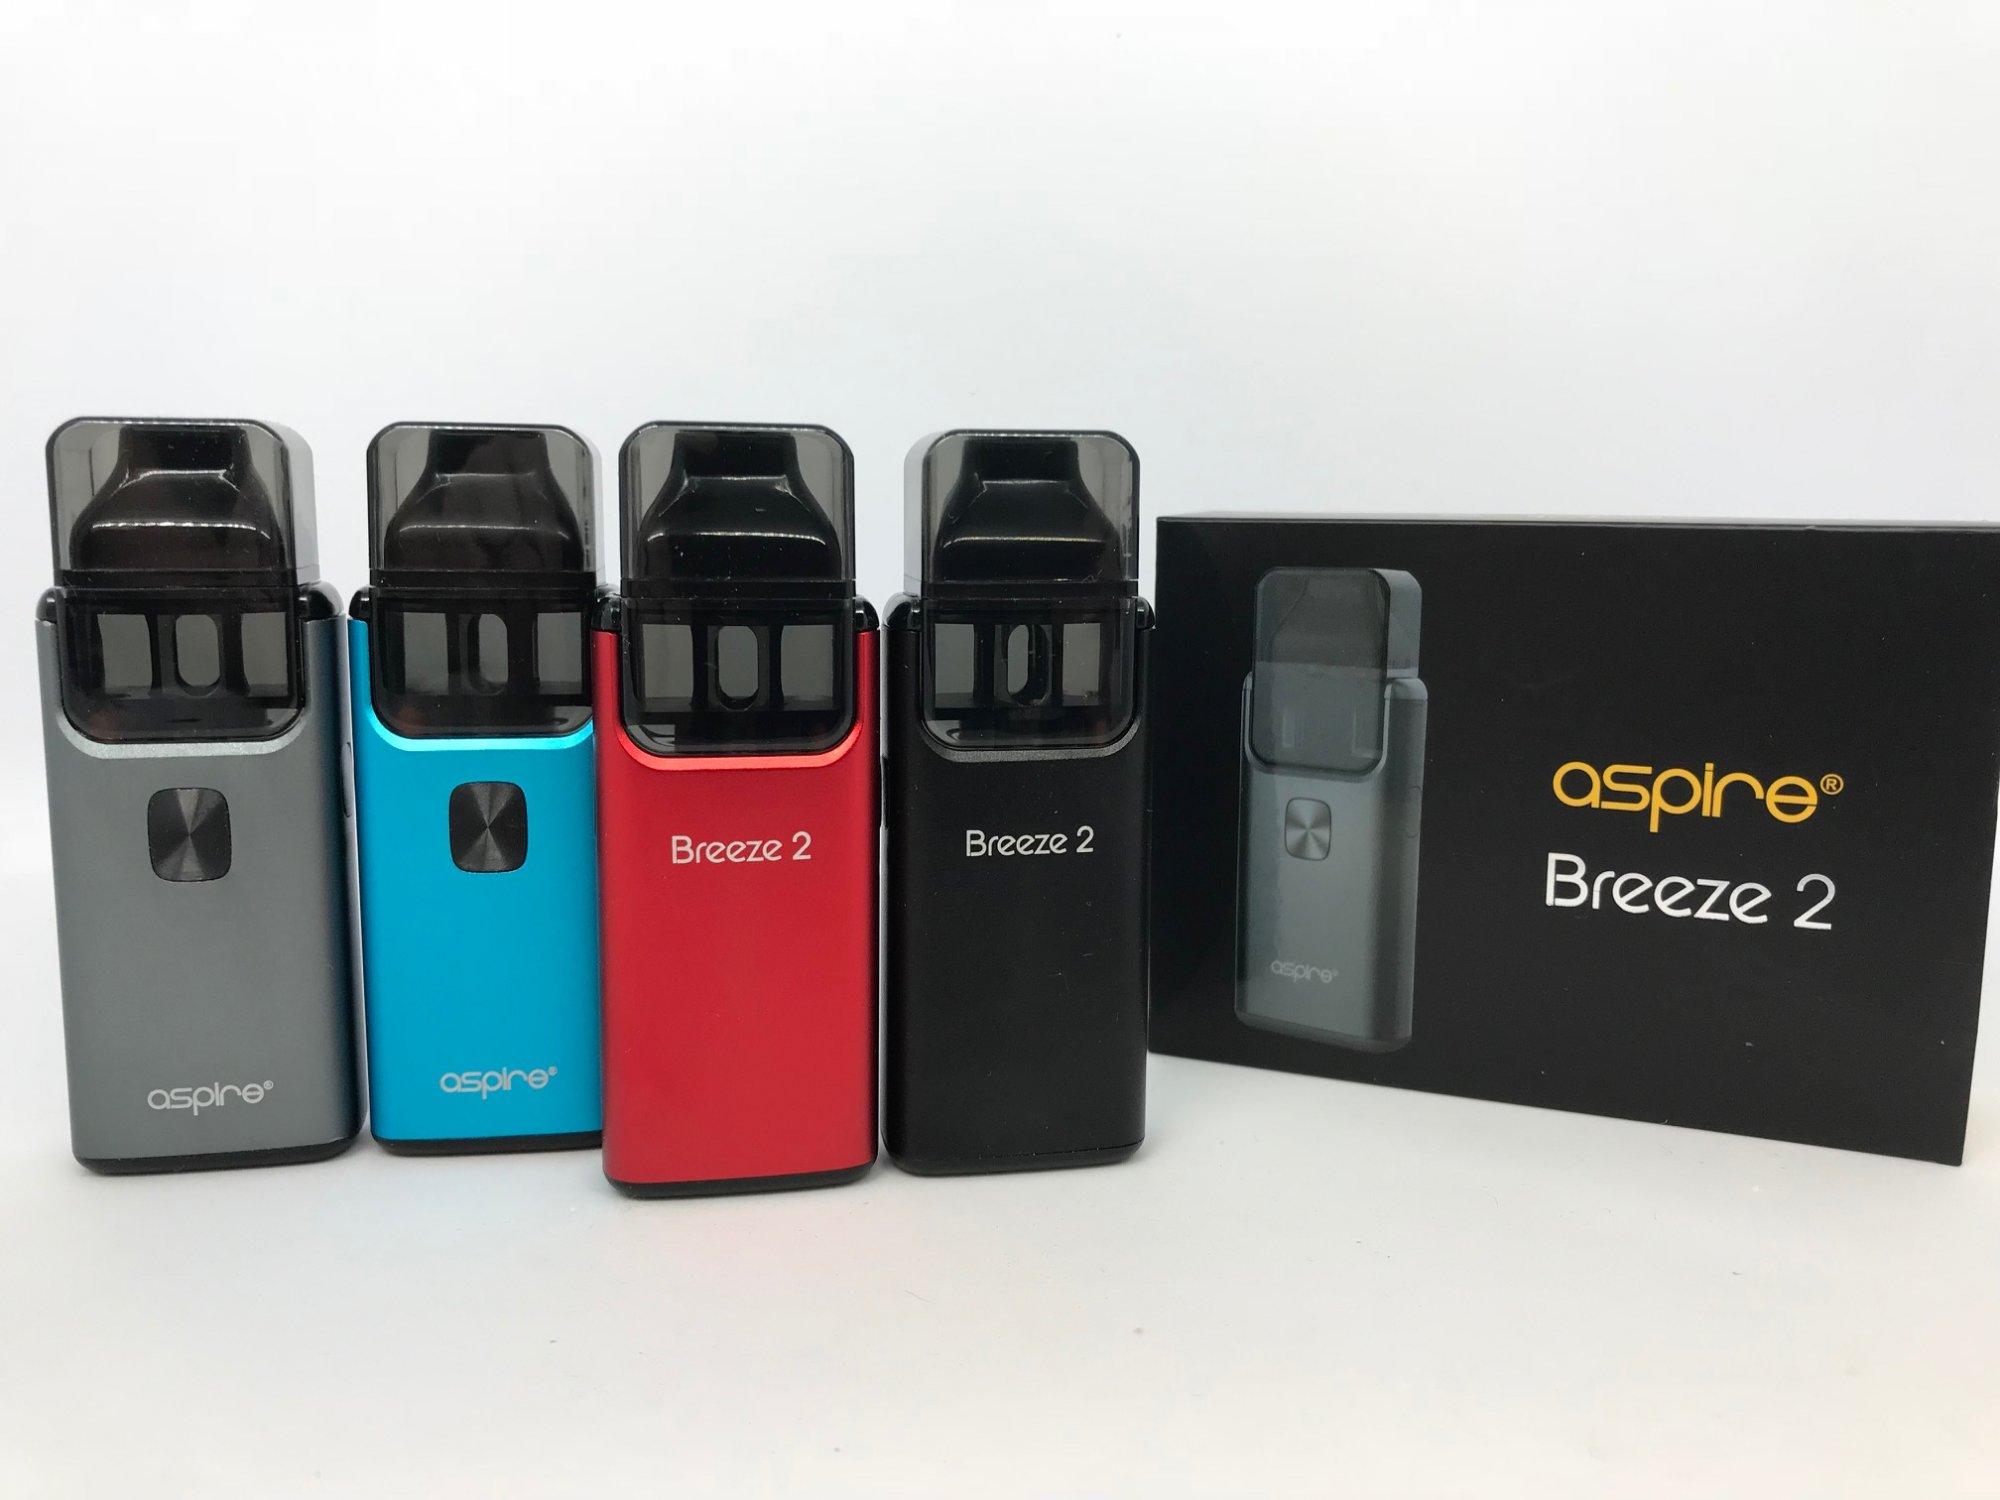 Aspire Breeze 2 Kit